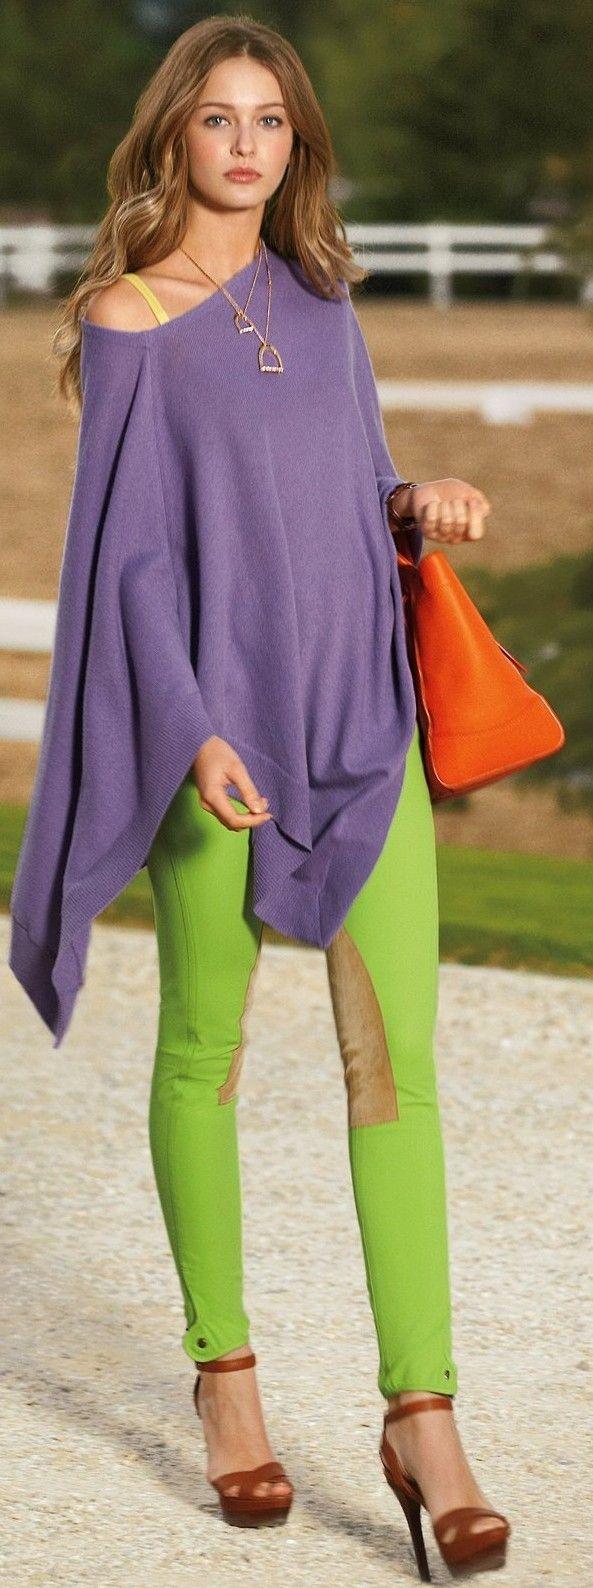 verde lima lila y naranja zapatos marrones | Mi estilo | Pinterest ...